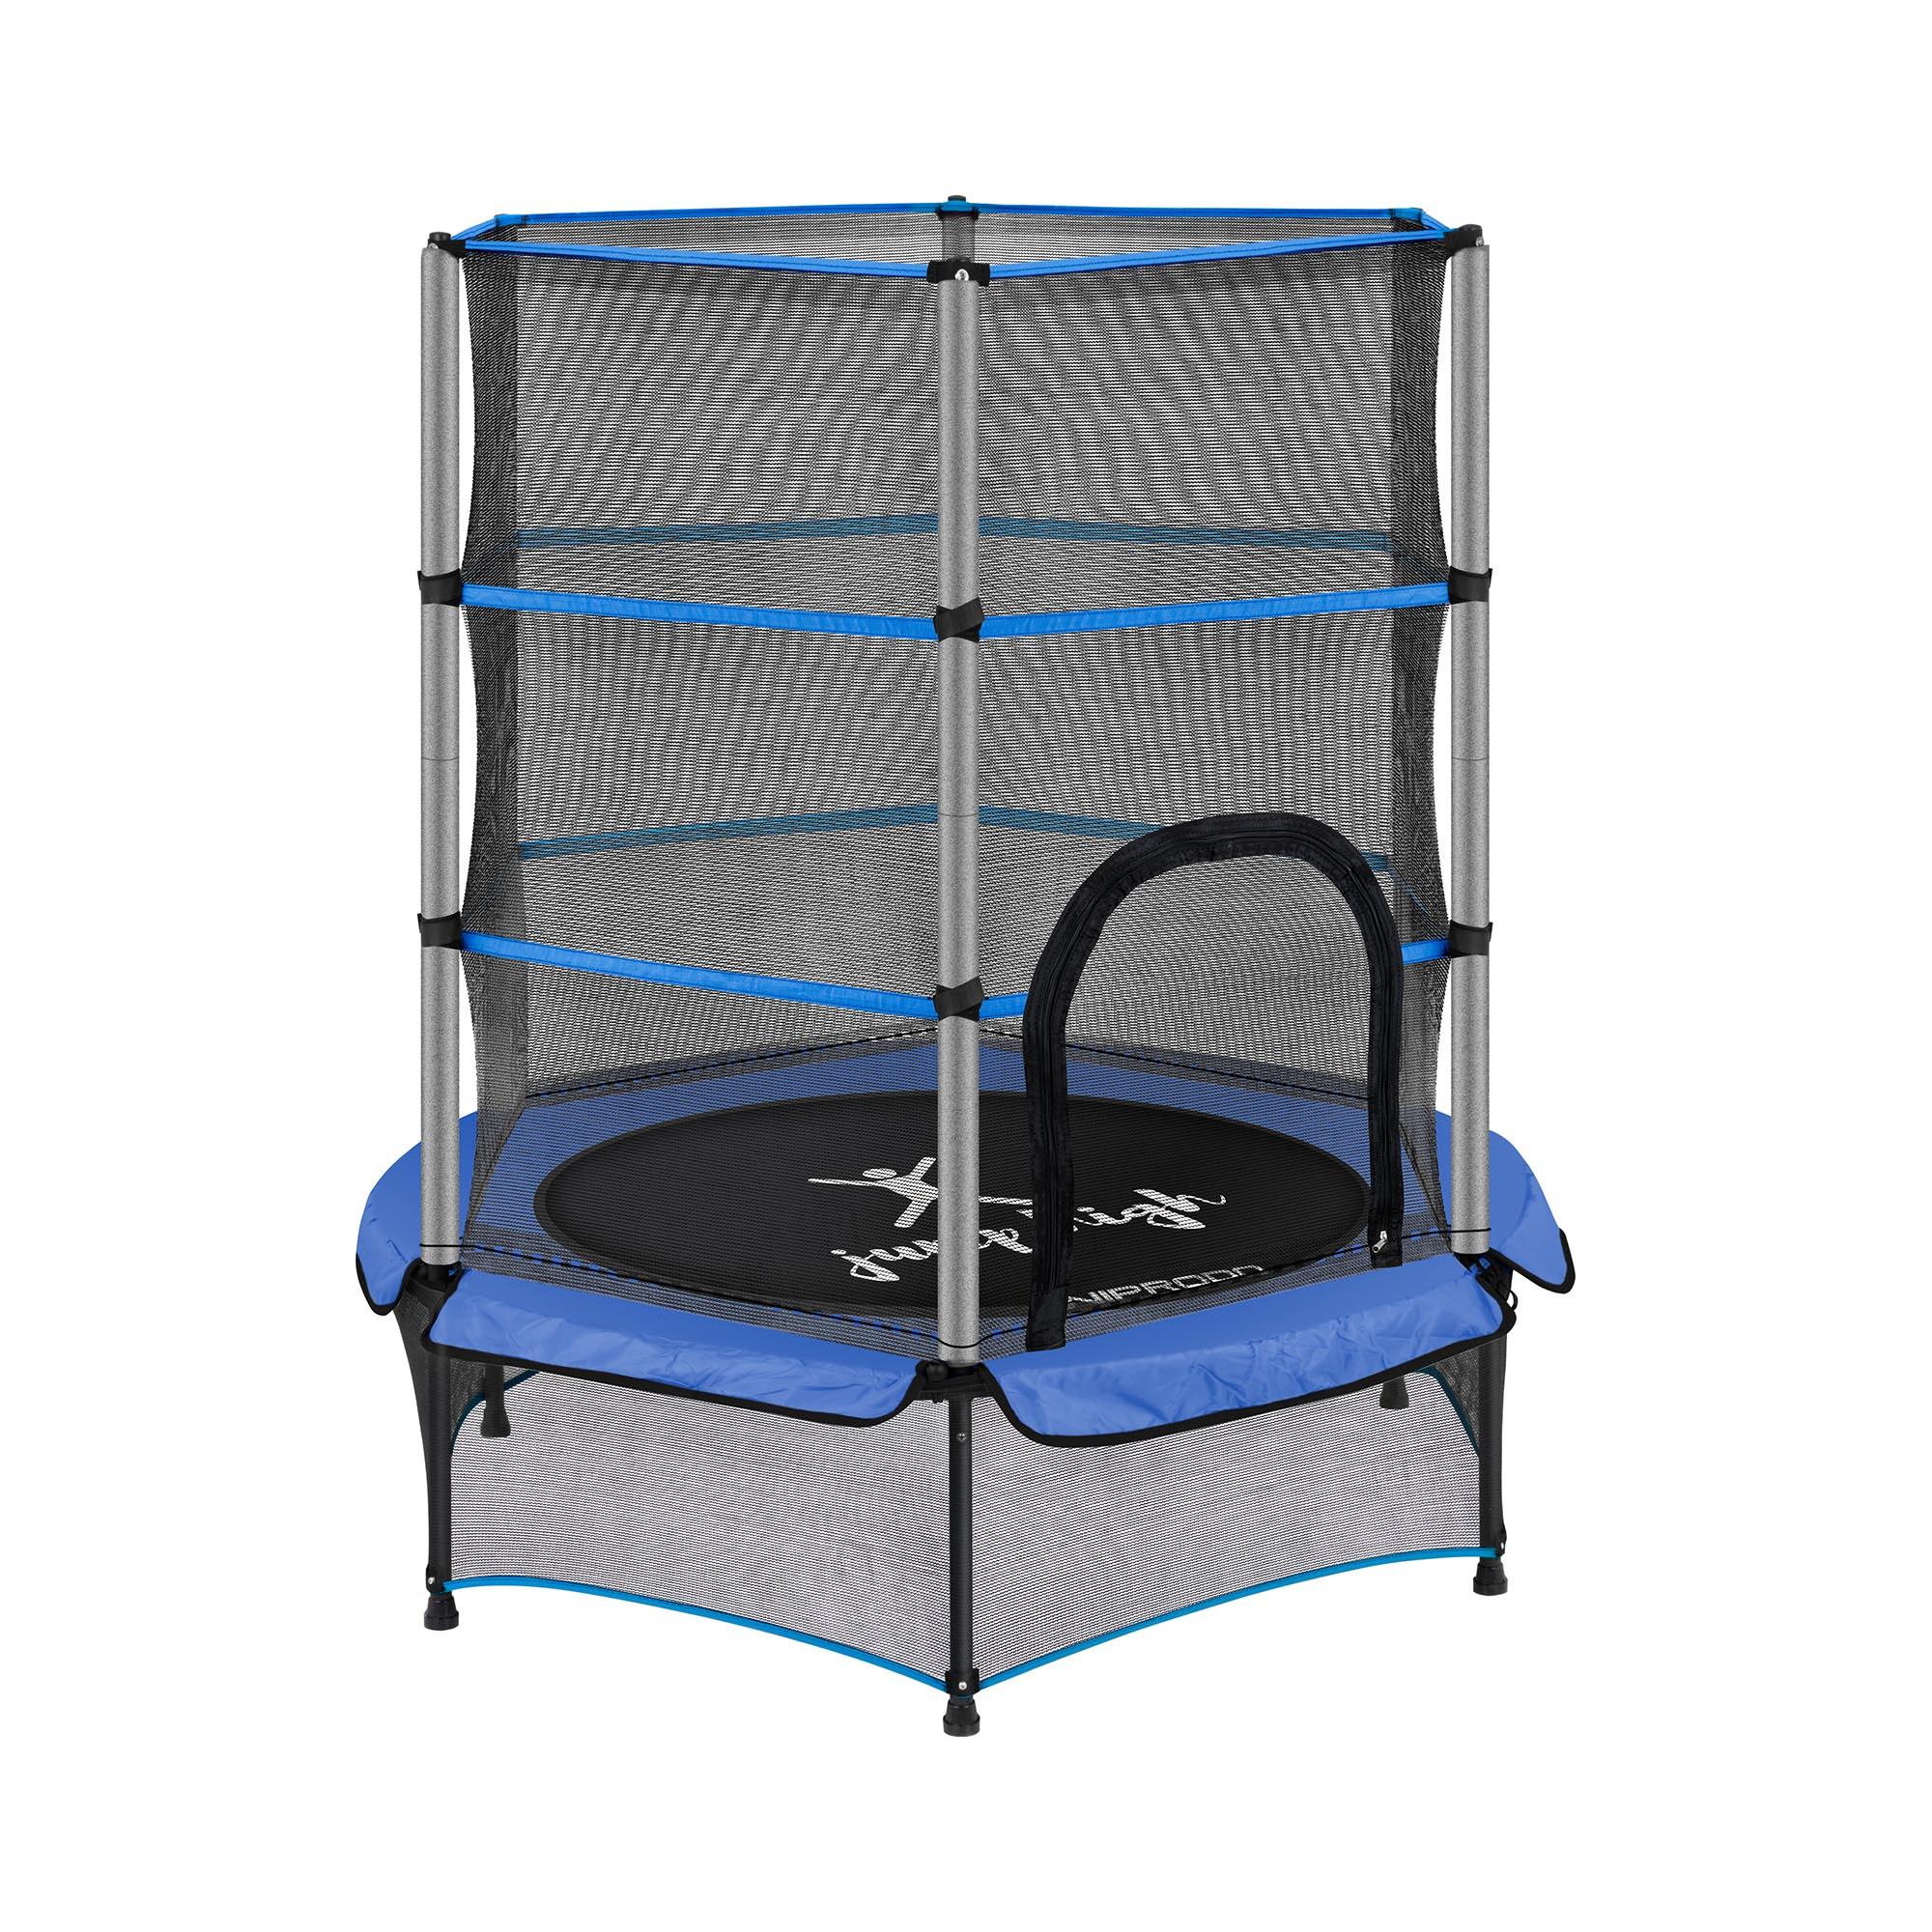 Uniprodo Kindertrampolin - mit Sicherheitsnetz - 140 cm - 50 kg - blau UNI_TRAMPOLINE_03